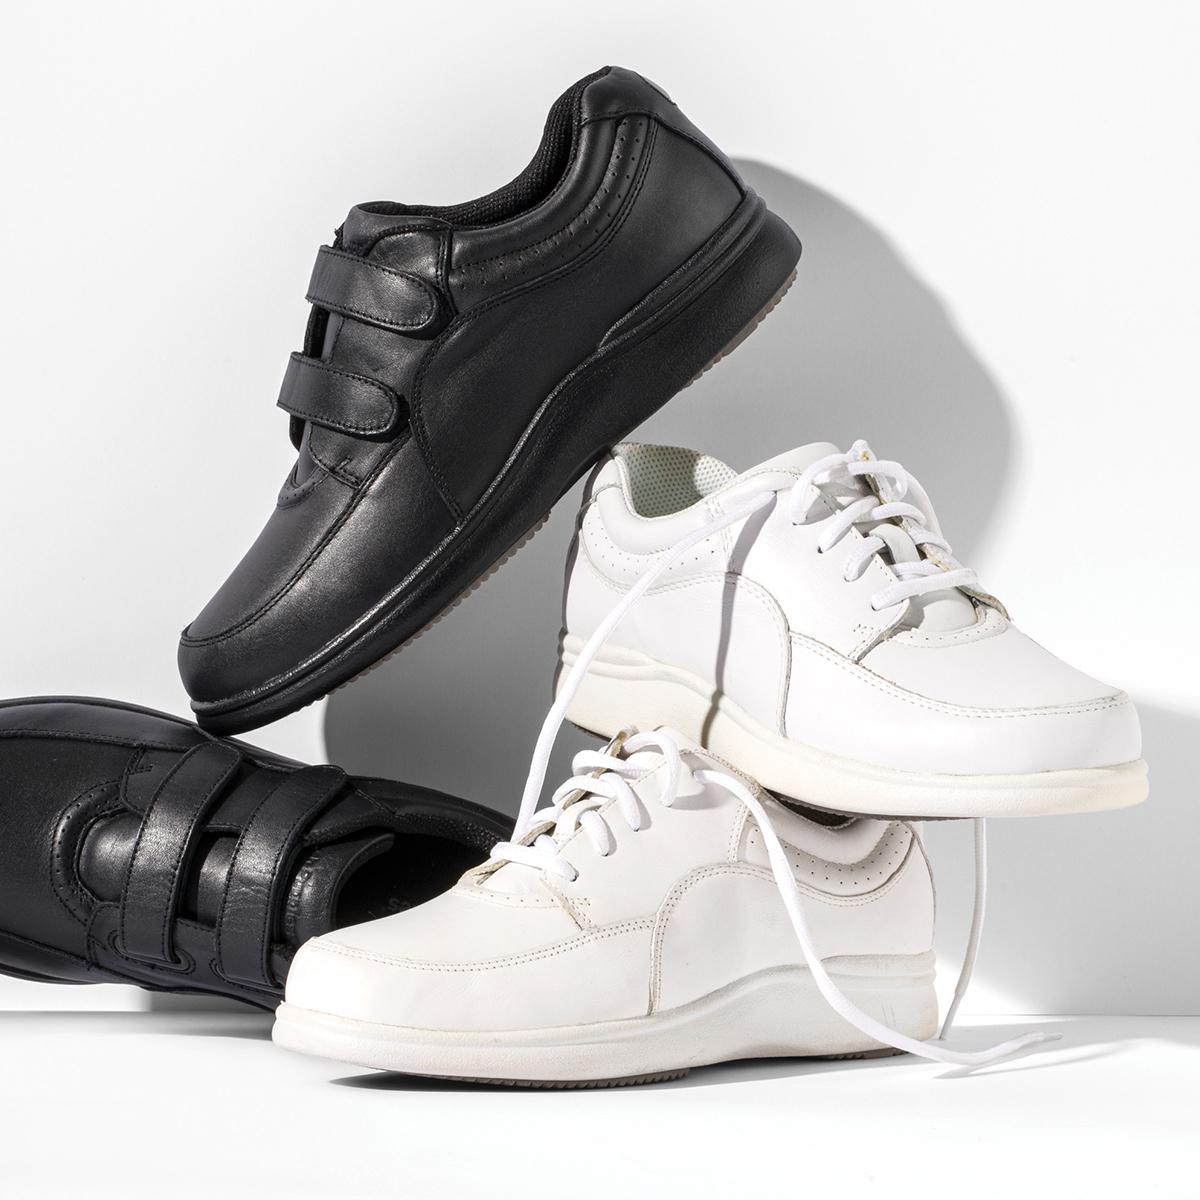 Women's Walking Shoes   Power Walker   Hush Puppies